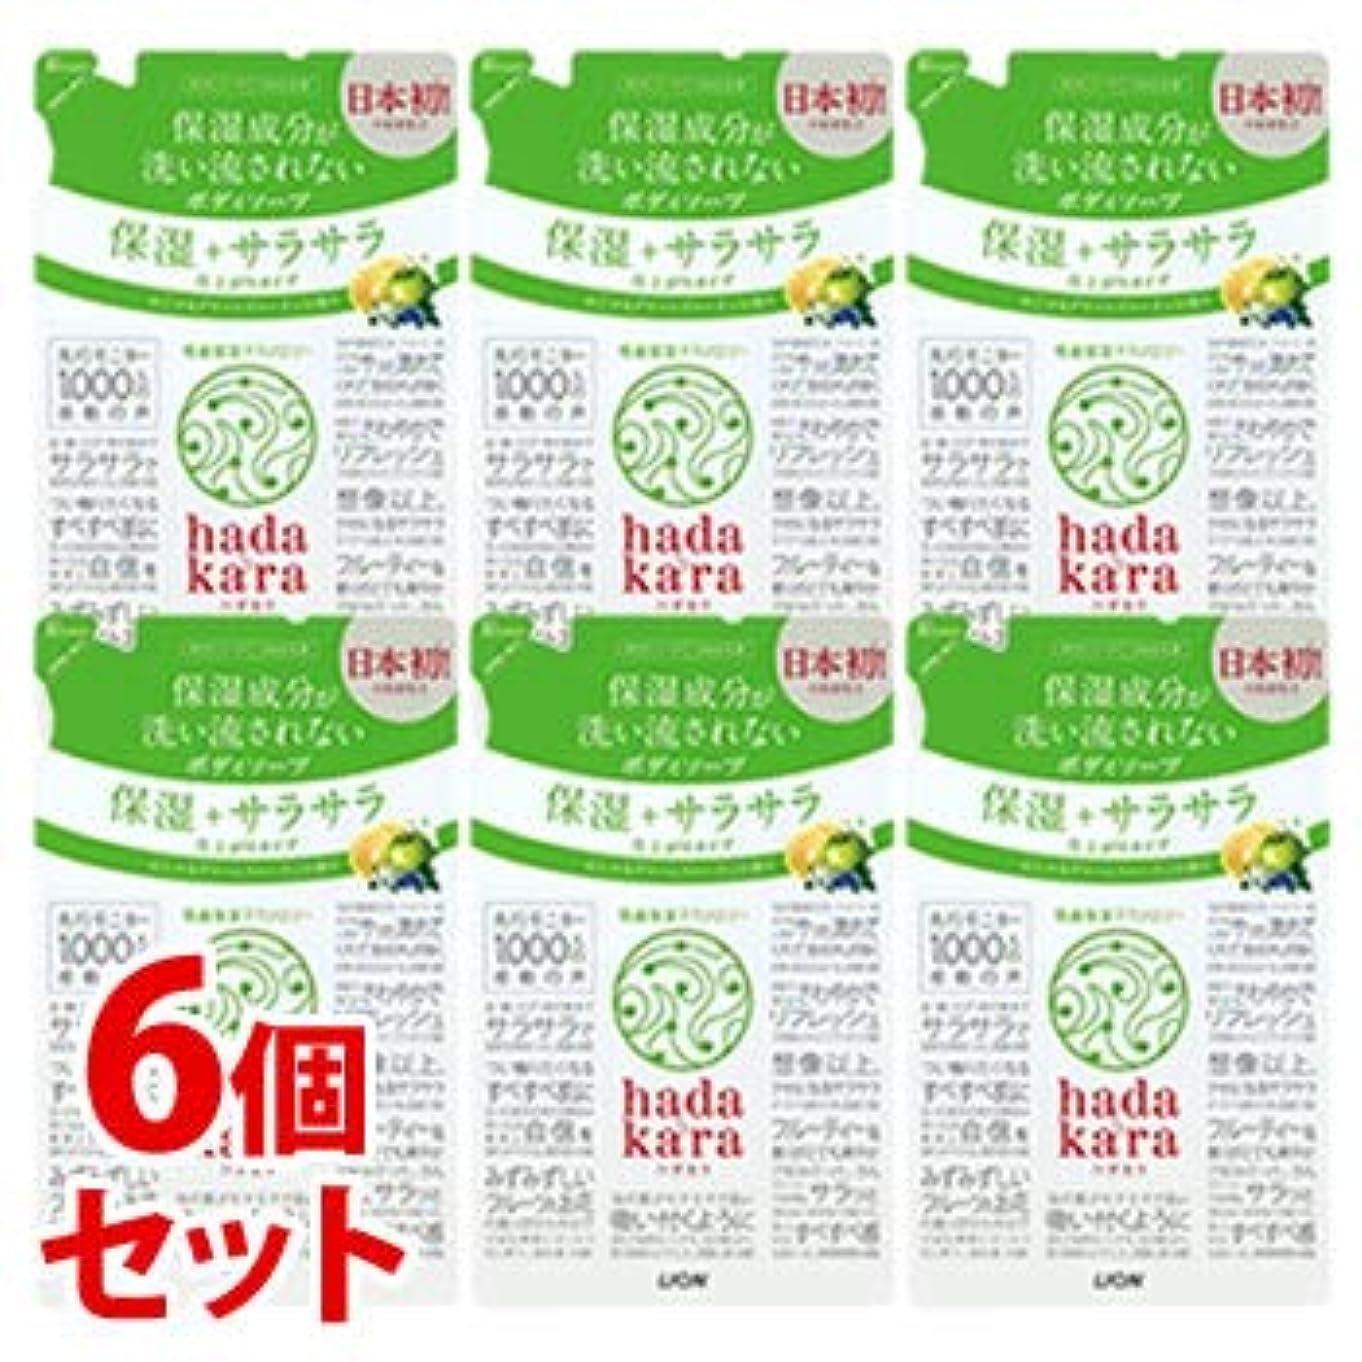 財布サスペンド去る《セット販売》 ライオン ハダカラ hadakara ボディソープ 保湿+サラサラ仕上がりタイプ グリーンフルーティの香り つめかえ用 (340mL)×6個セット 詰め替え用